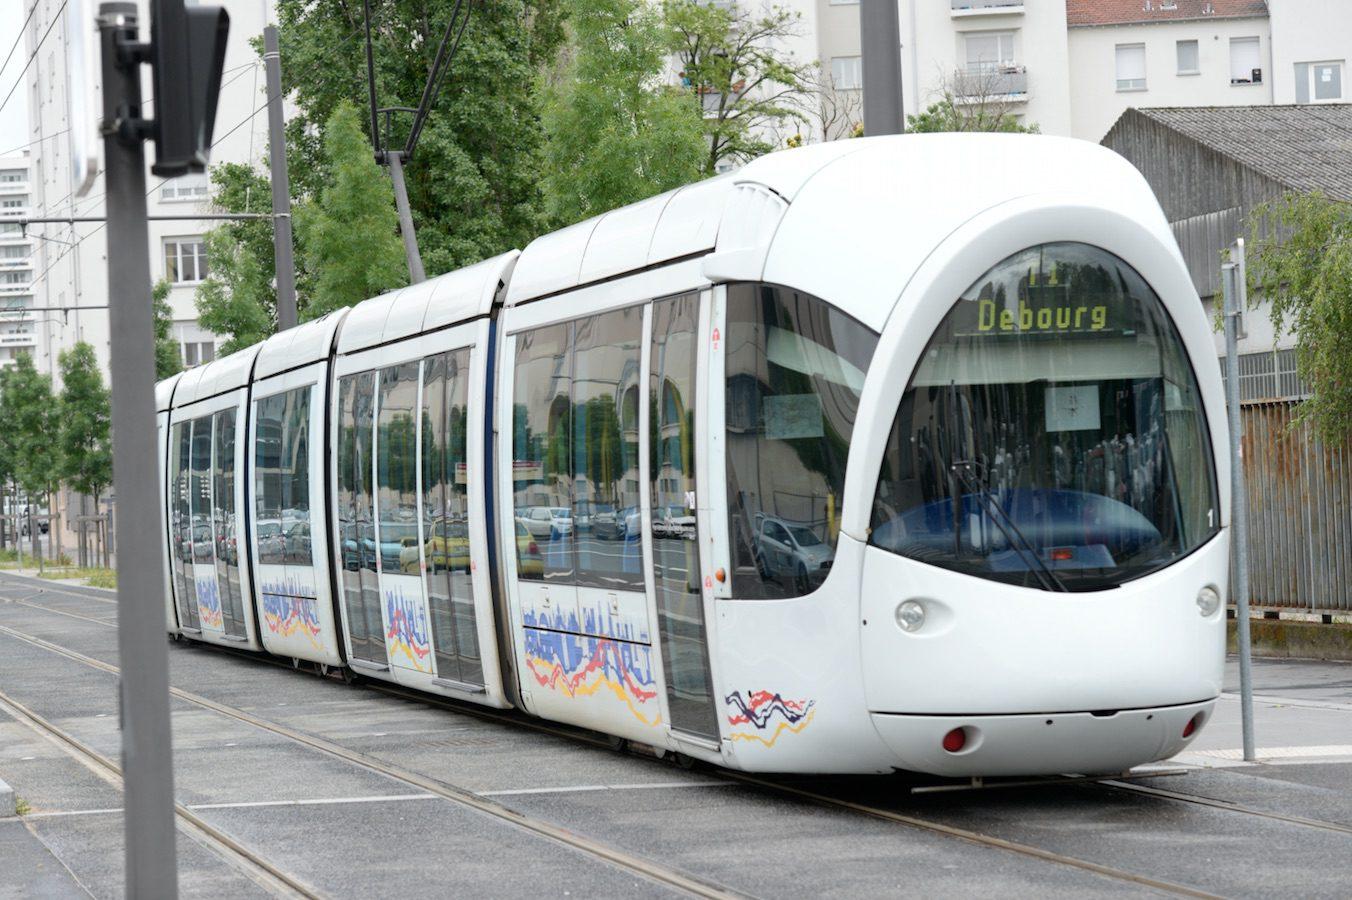 Tram Debourg